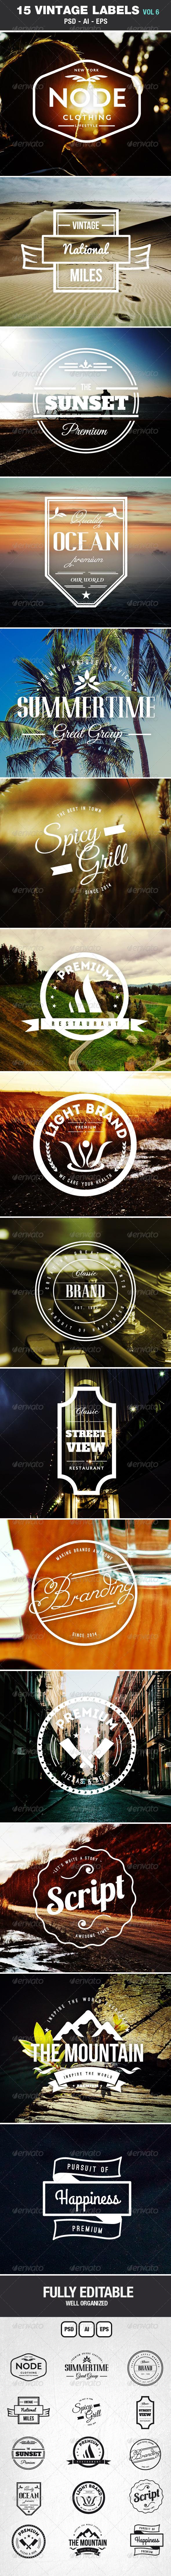 Retro Vintage Labels & Badges Logos V6 - Badges & Stickers Web Elements